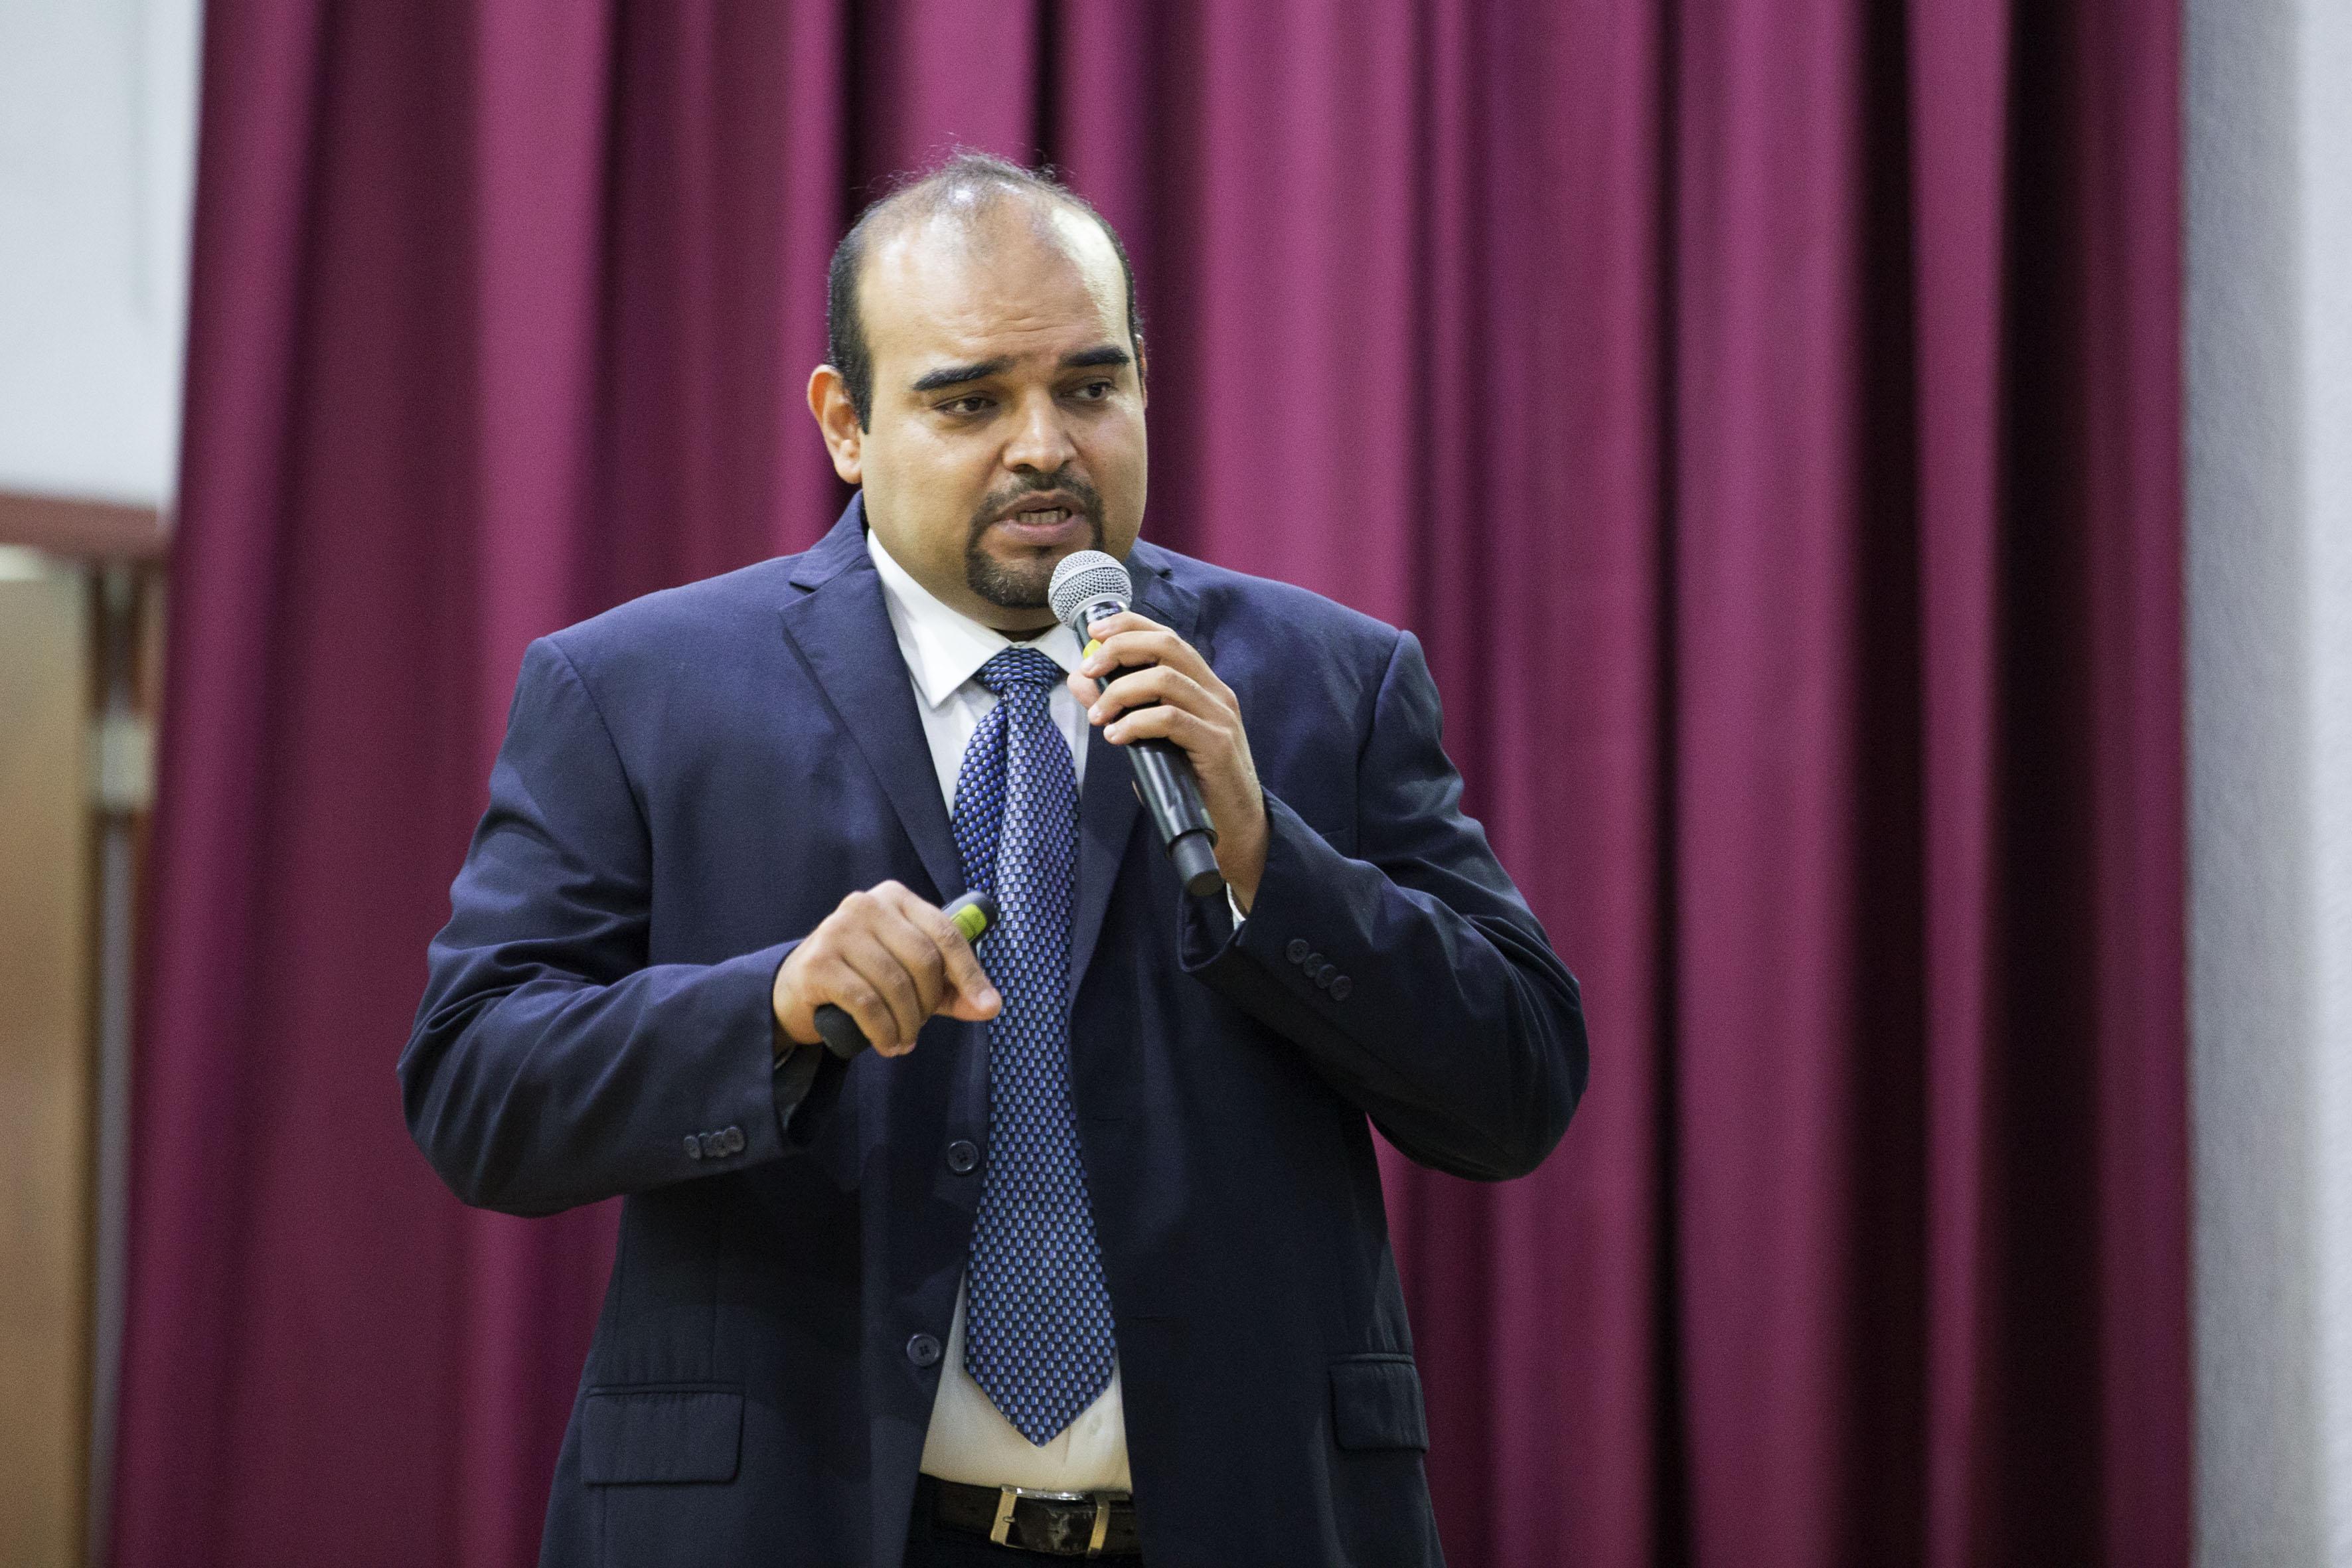 Maestro Héctor Manuel Trinidad Valderrama, miembro del Comité organizador del congreso, con micrófono en mano, haciendo uso de la palabra, en acto inagural.